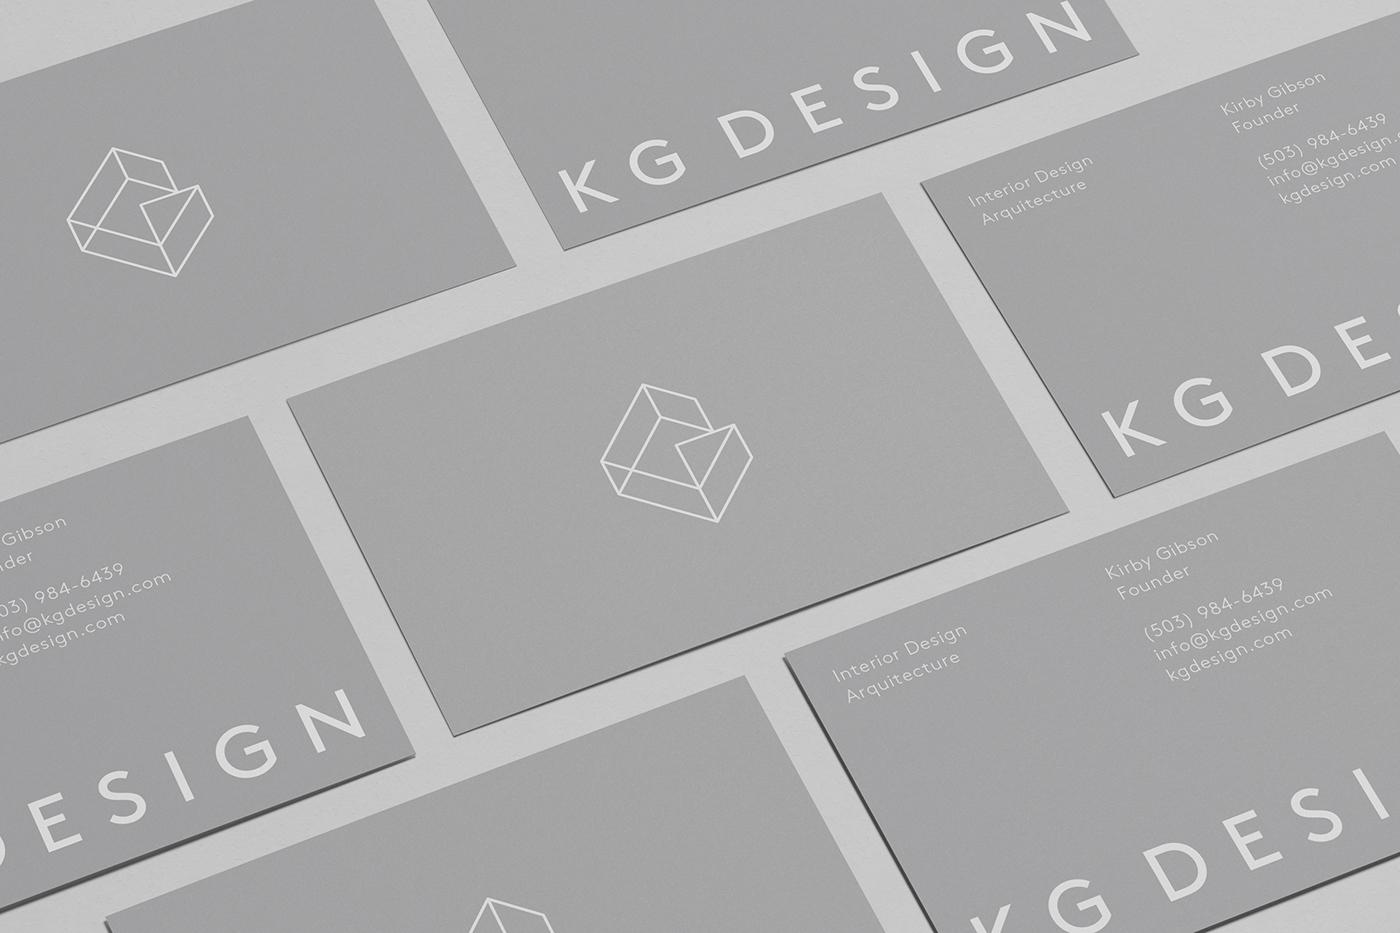 KG Design Branding Mindsparkle Mag